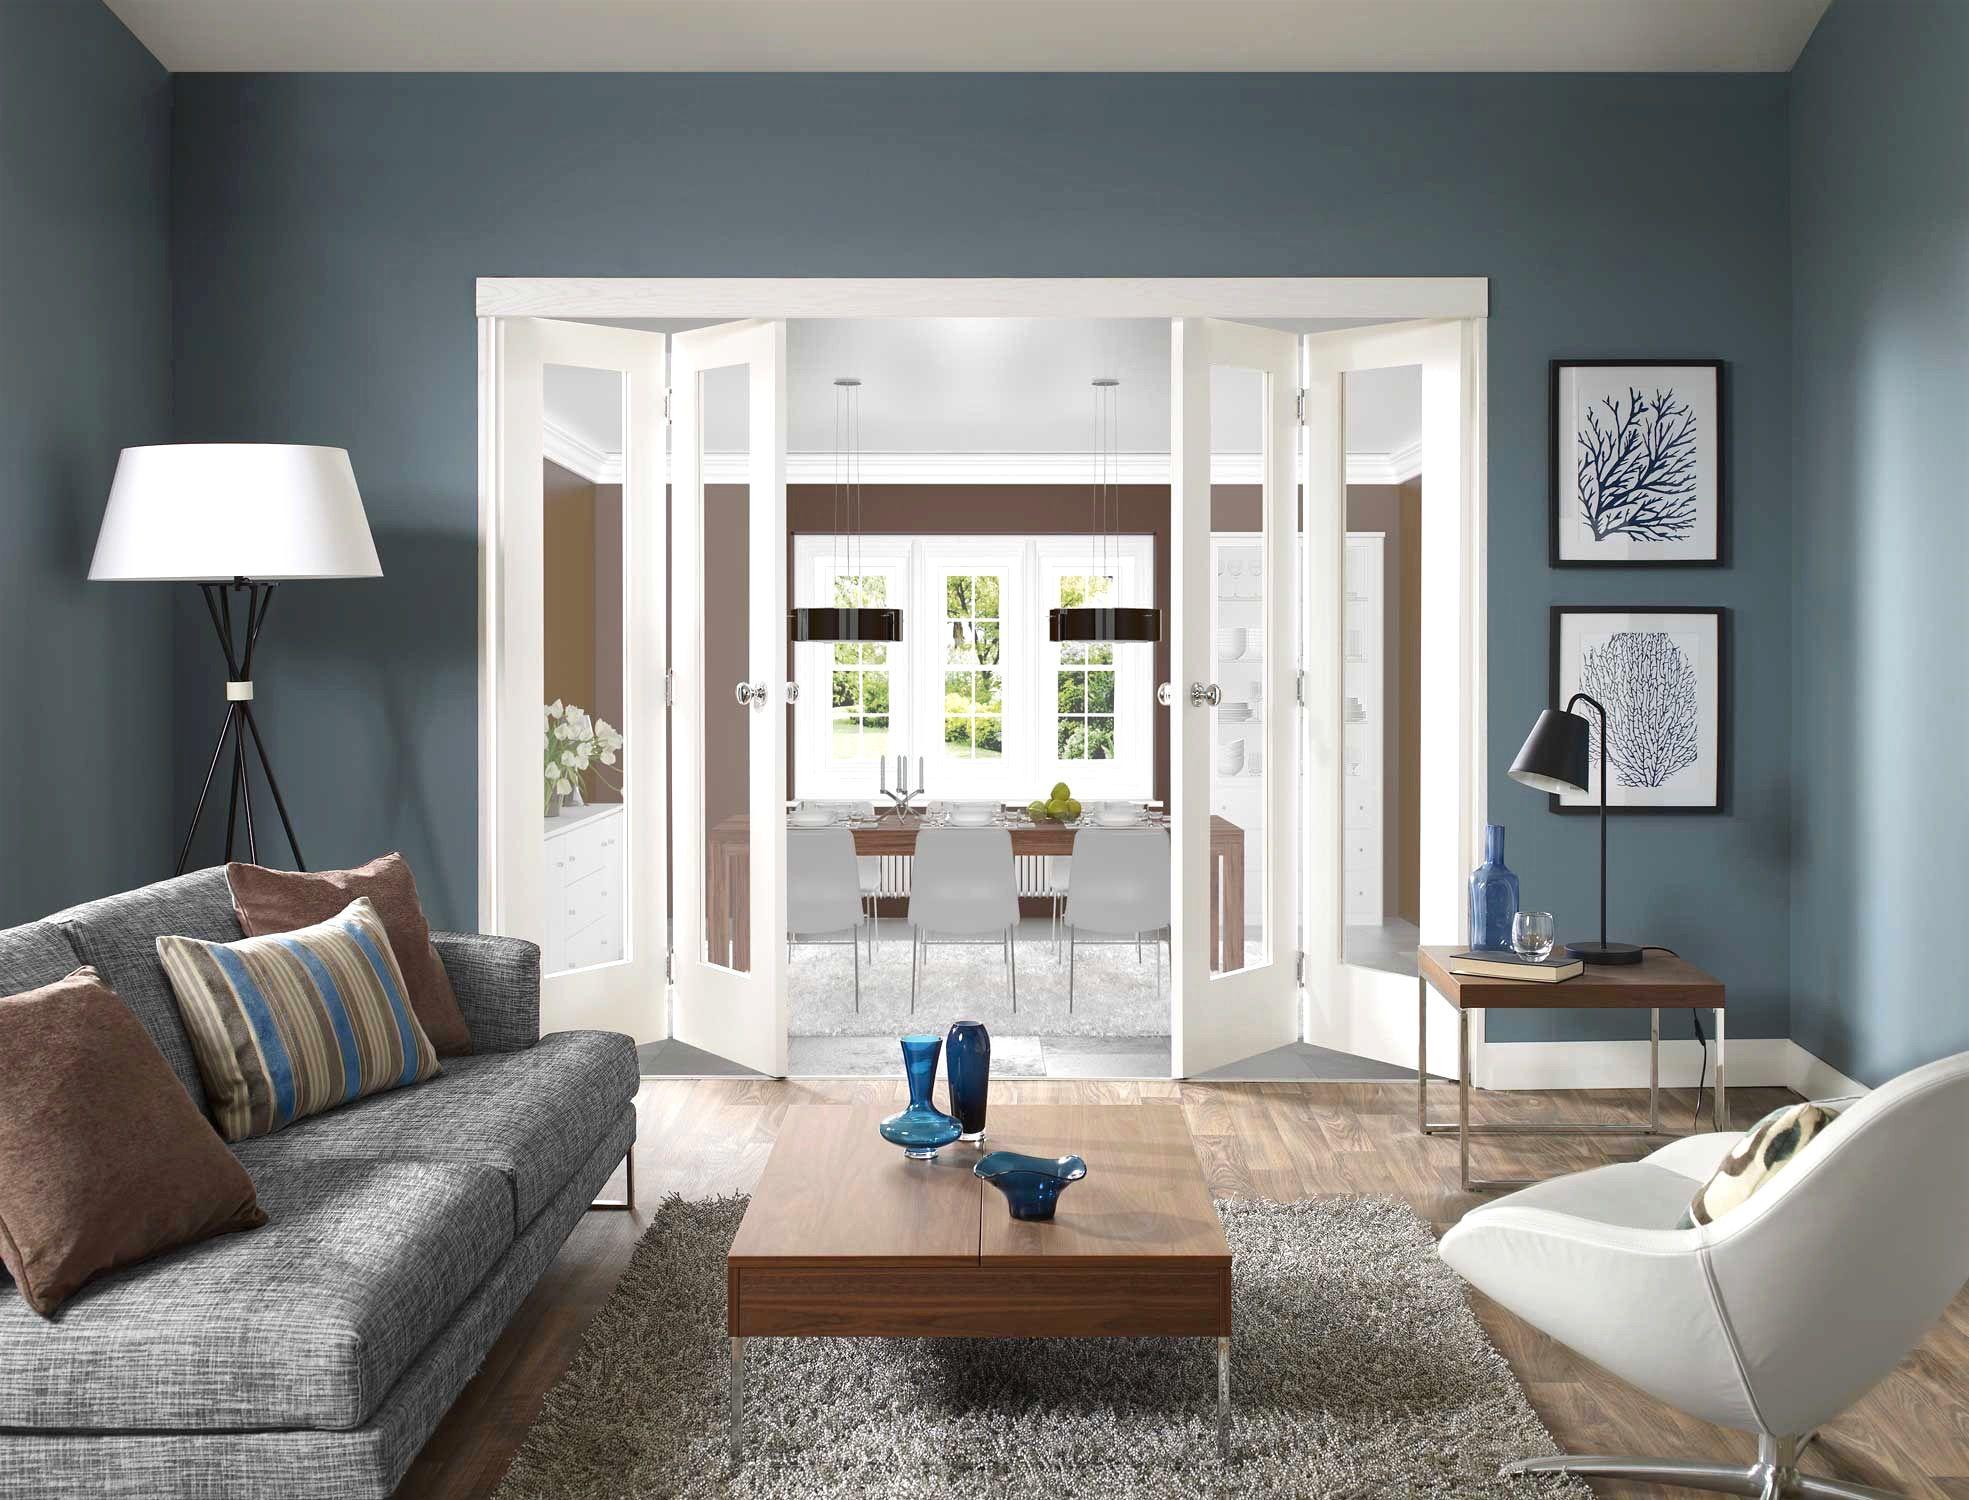 Grau Blaue Wand Bemerkenswert Auf Dekoideen Fur Ihr Zuhause Auch